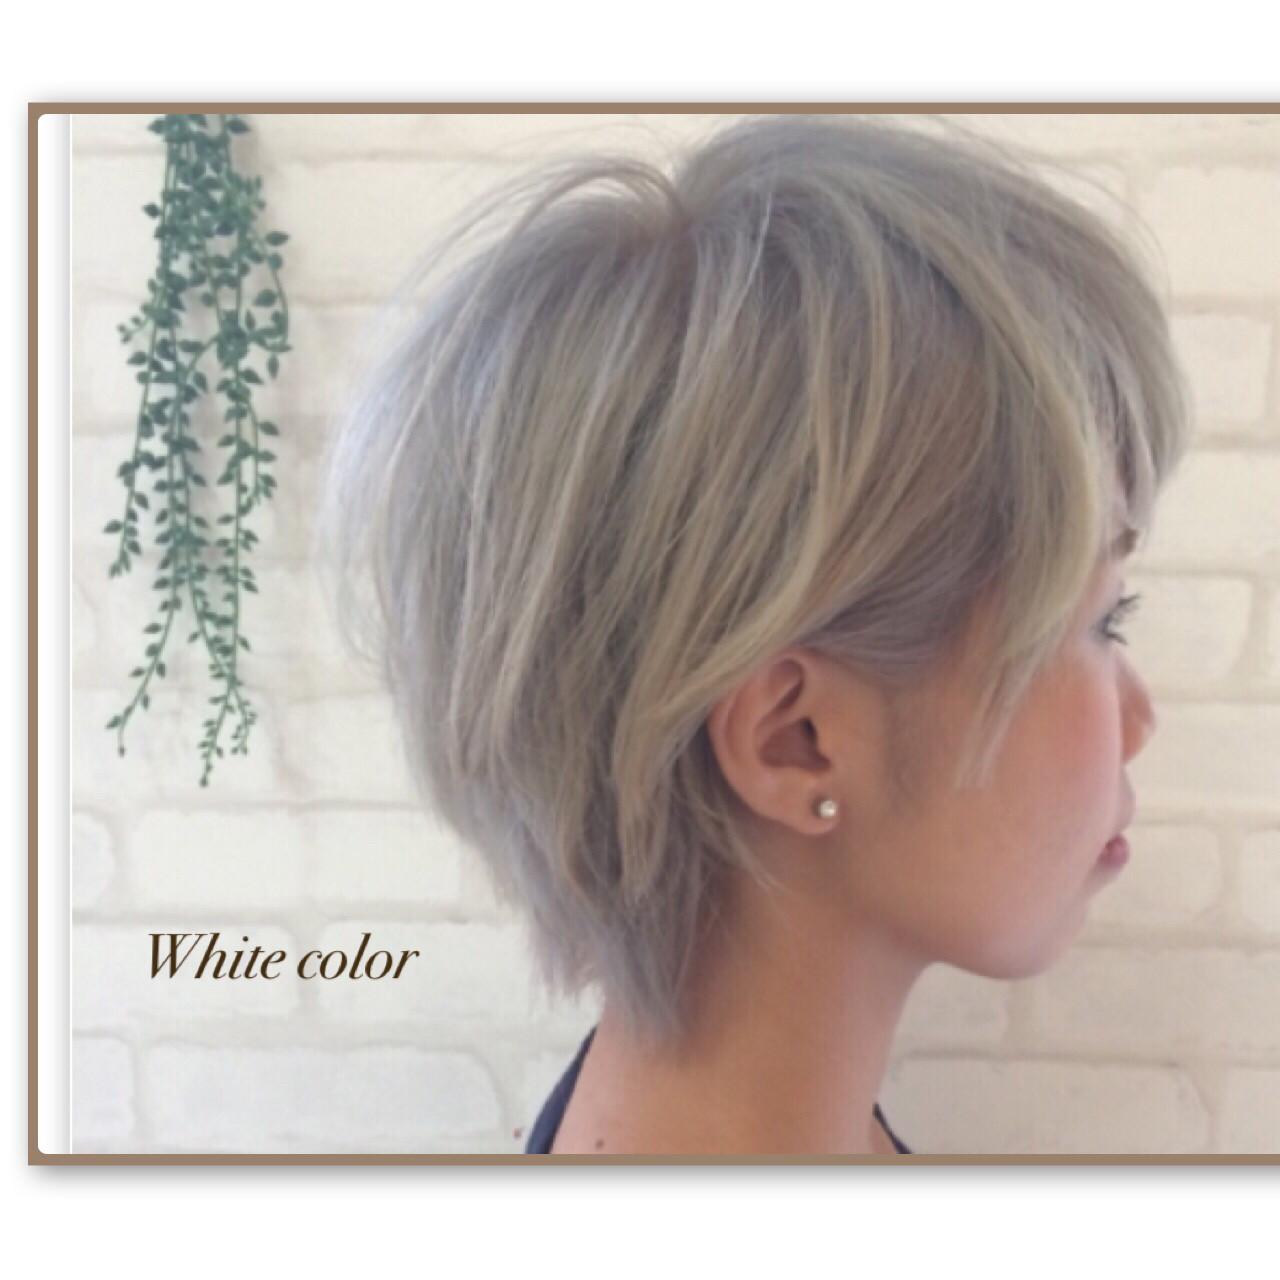 ブリーチ ホワイトアッシュ ガーリー ショート ヘアスタイルや髪型の写真・画像